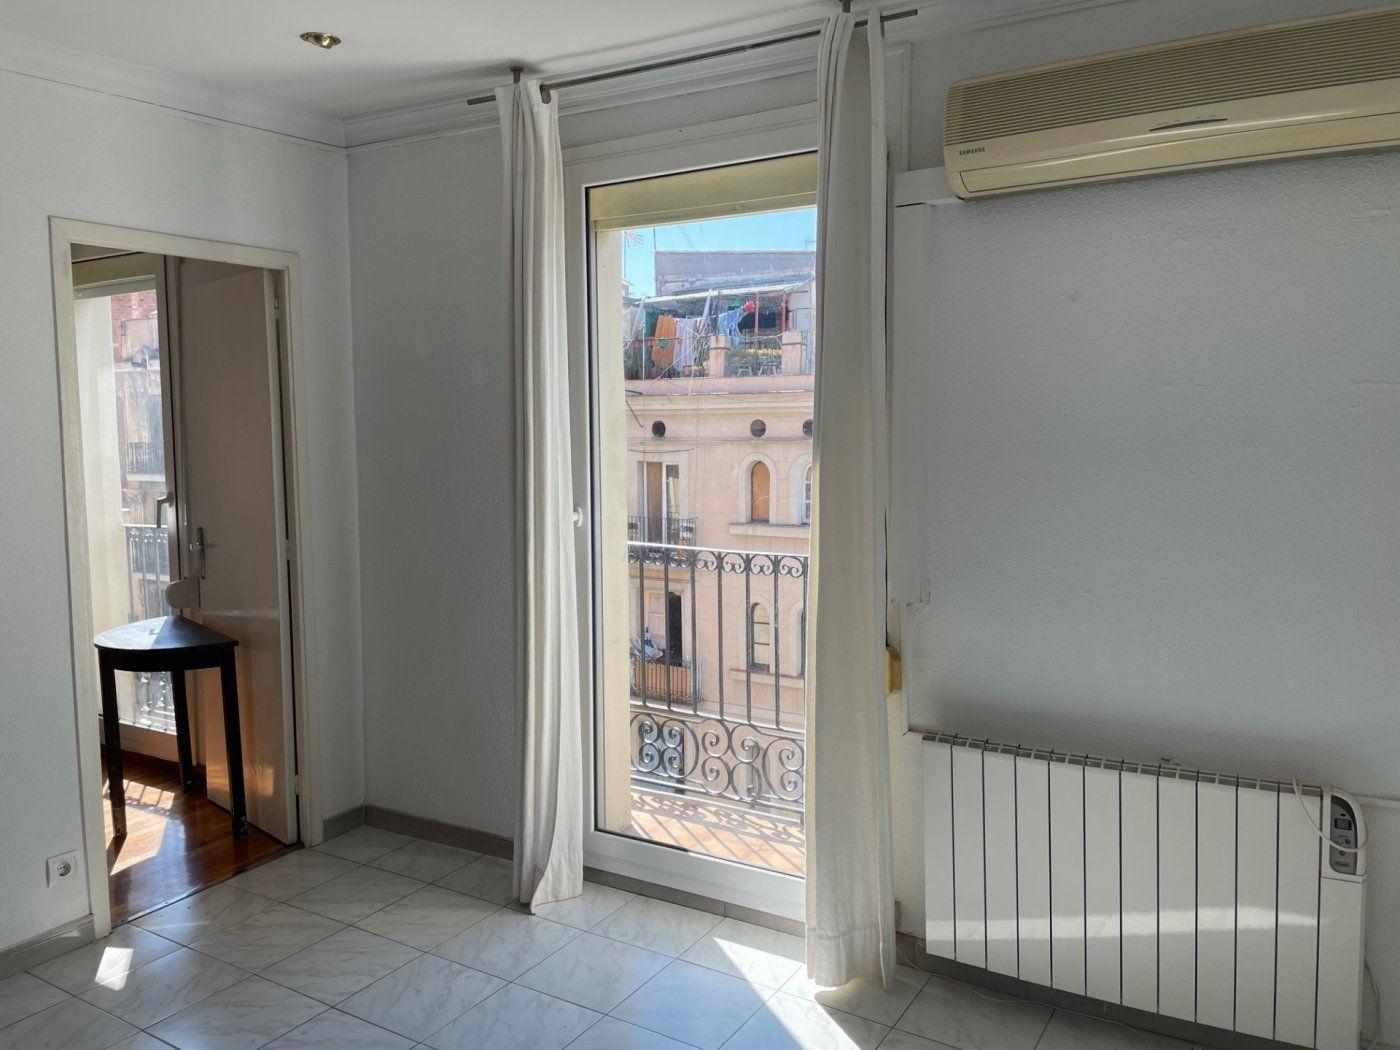 (Español) Luminoso piso en Paralel